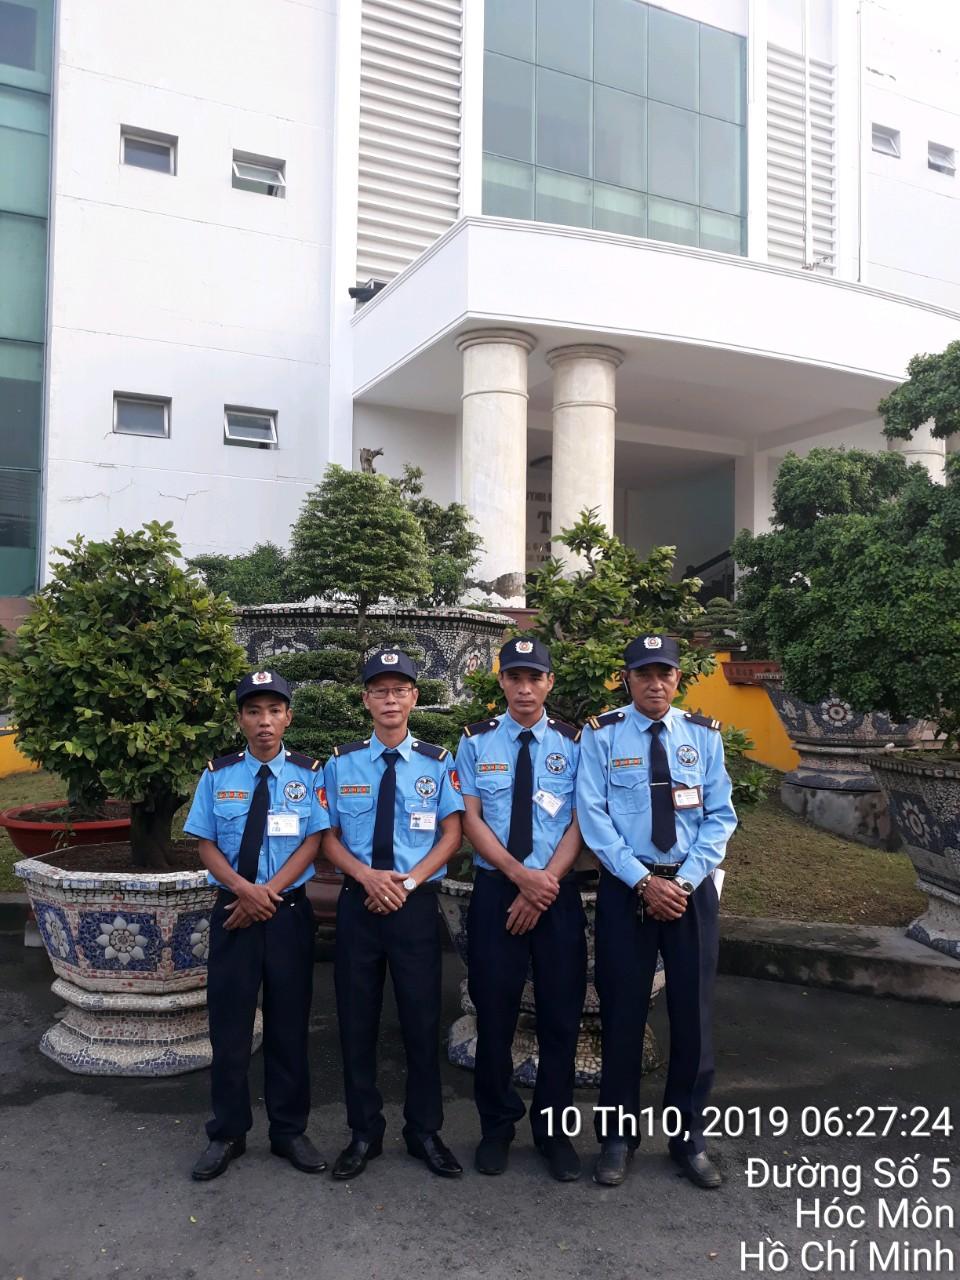 Cung cấp bảo vệ giám sát Camera Cty Hưng Thái